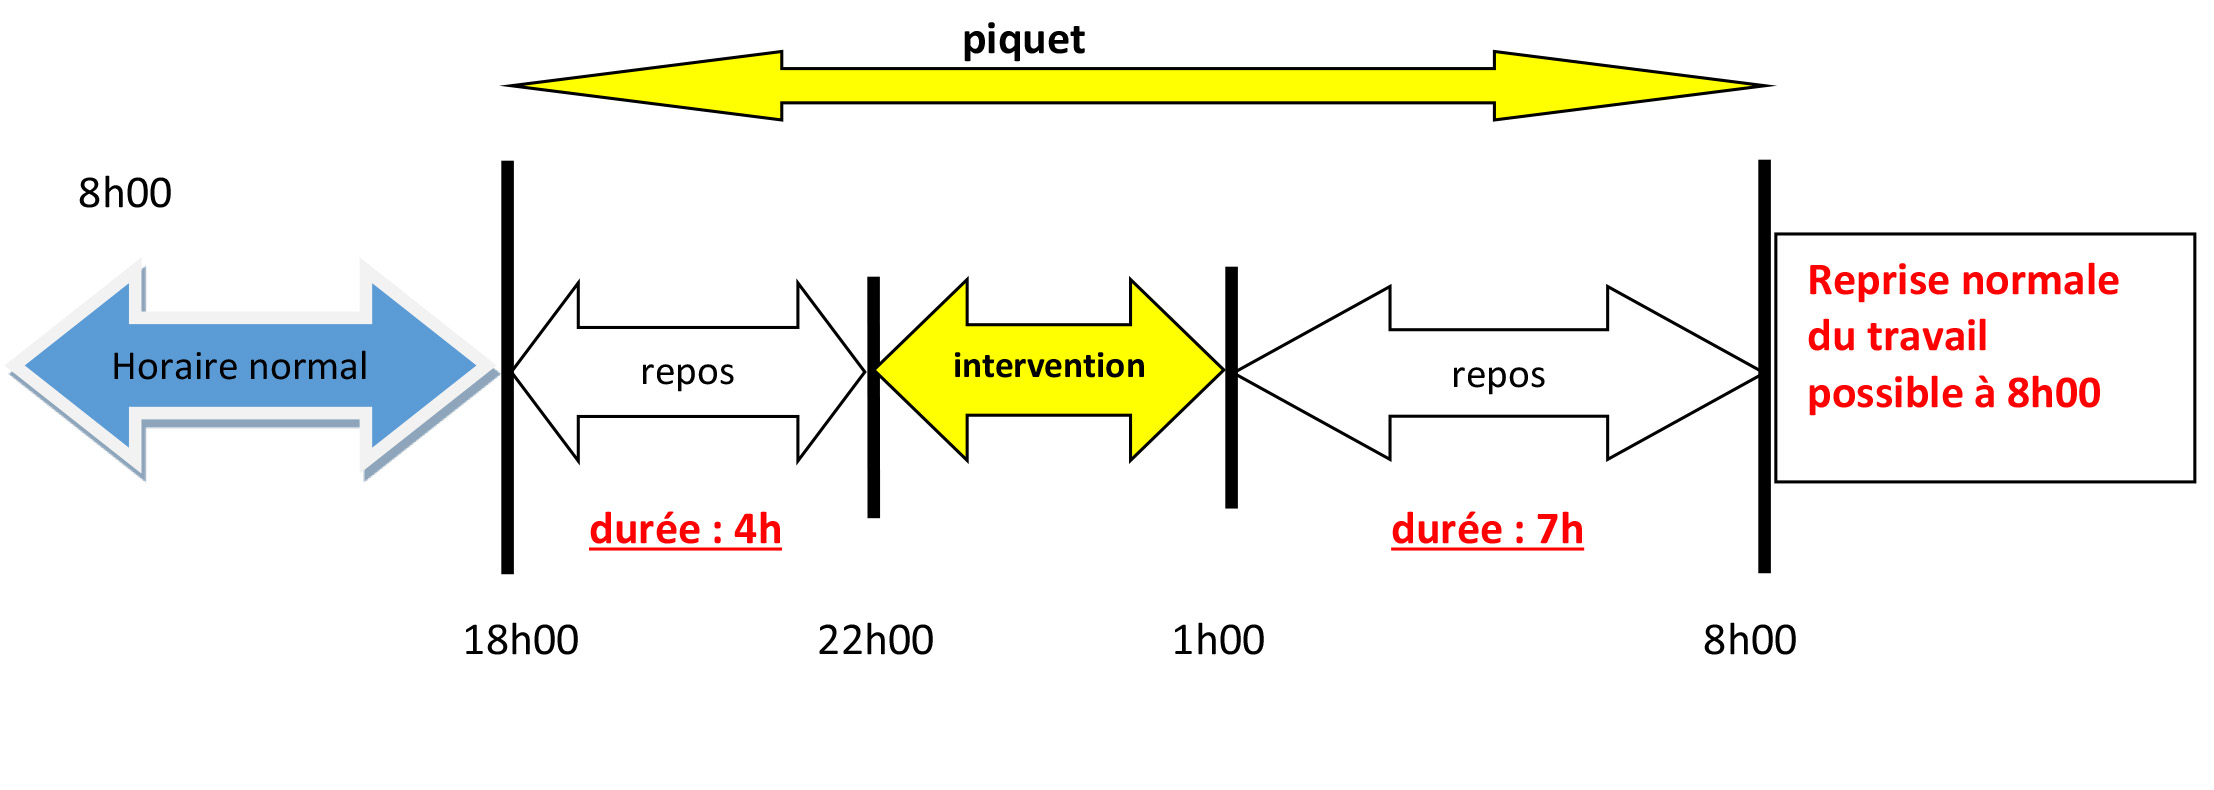 Service De Piquet